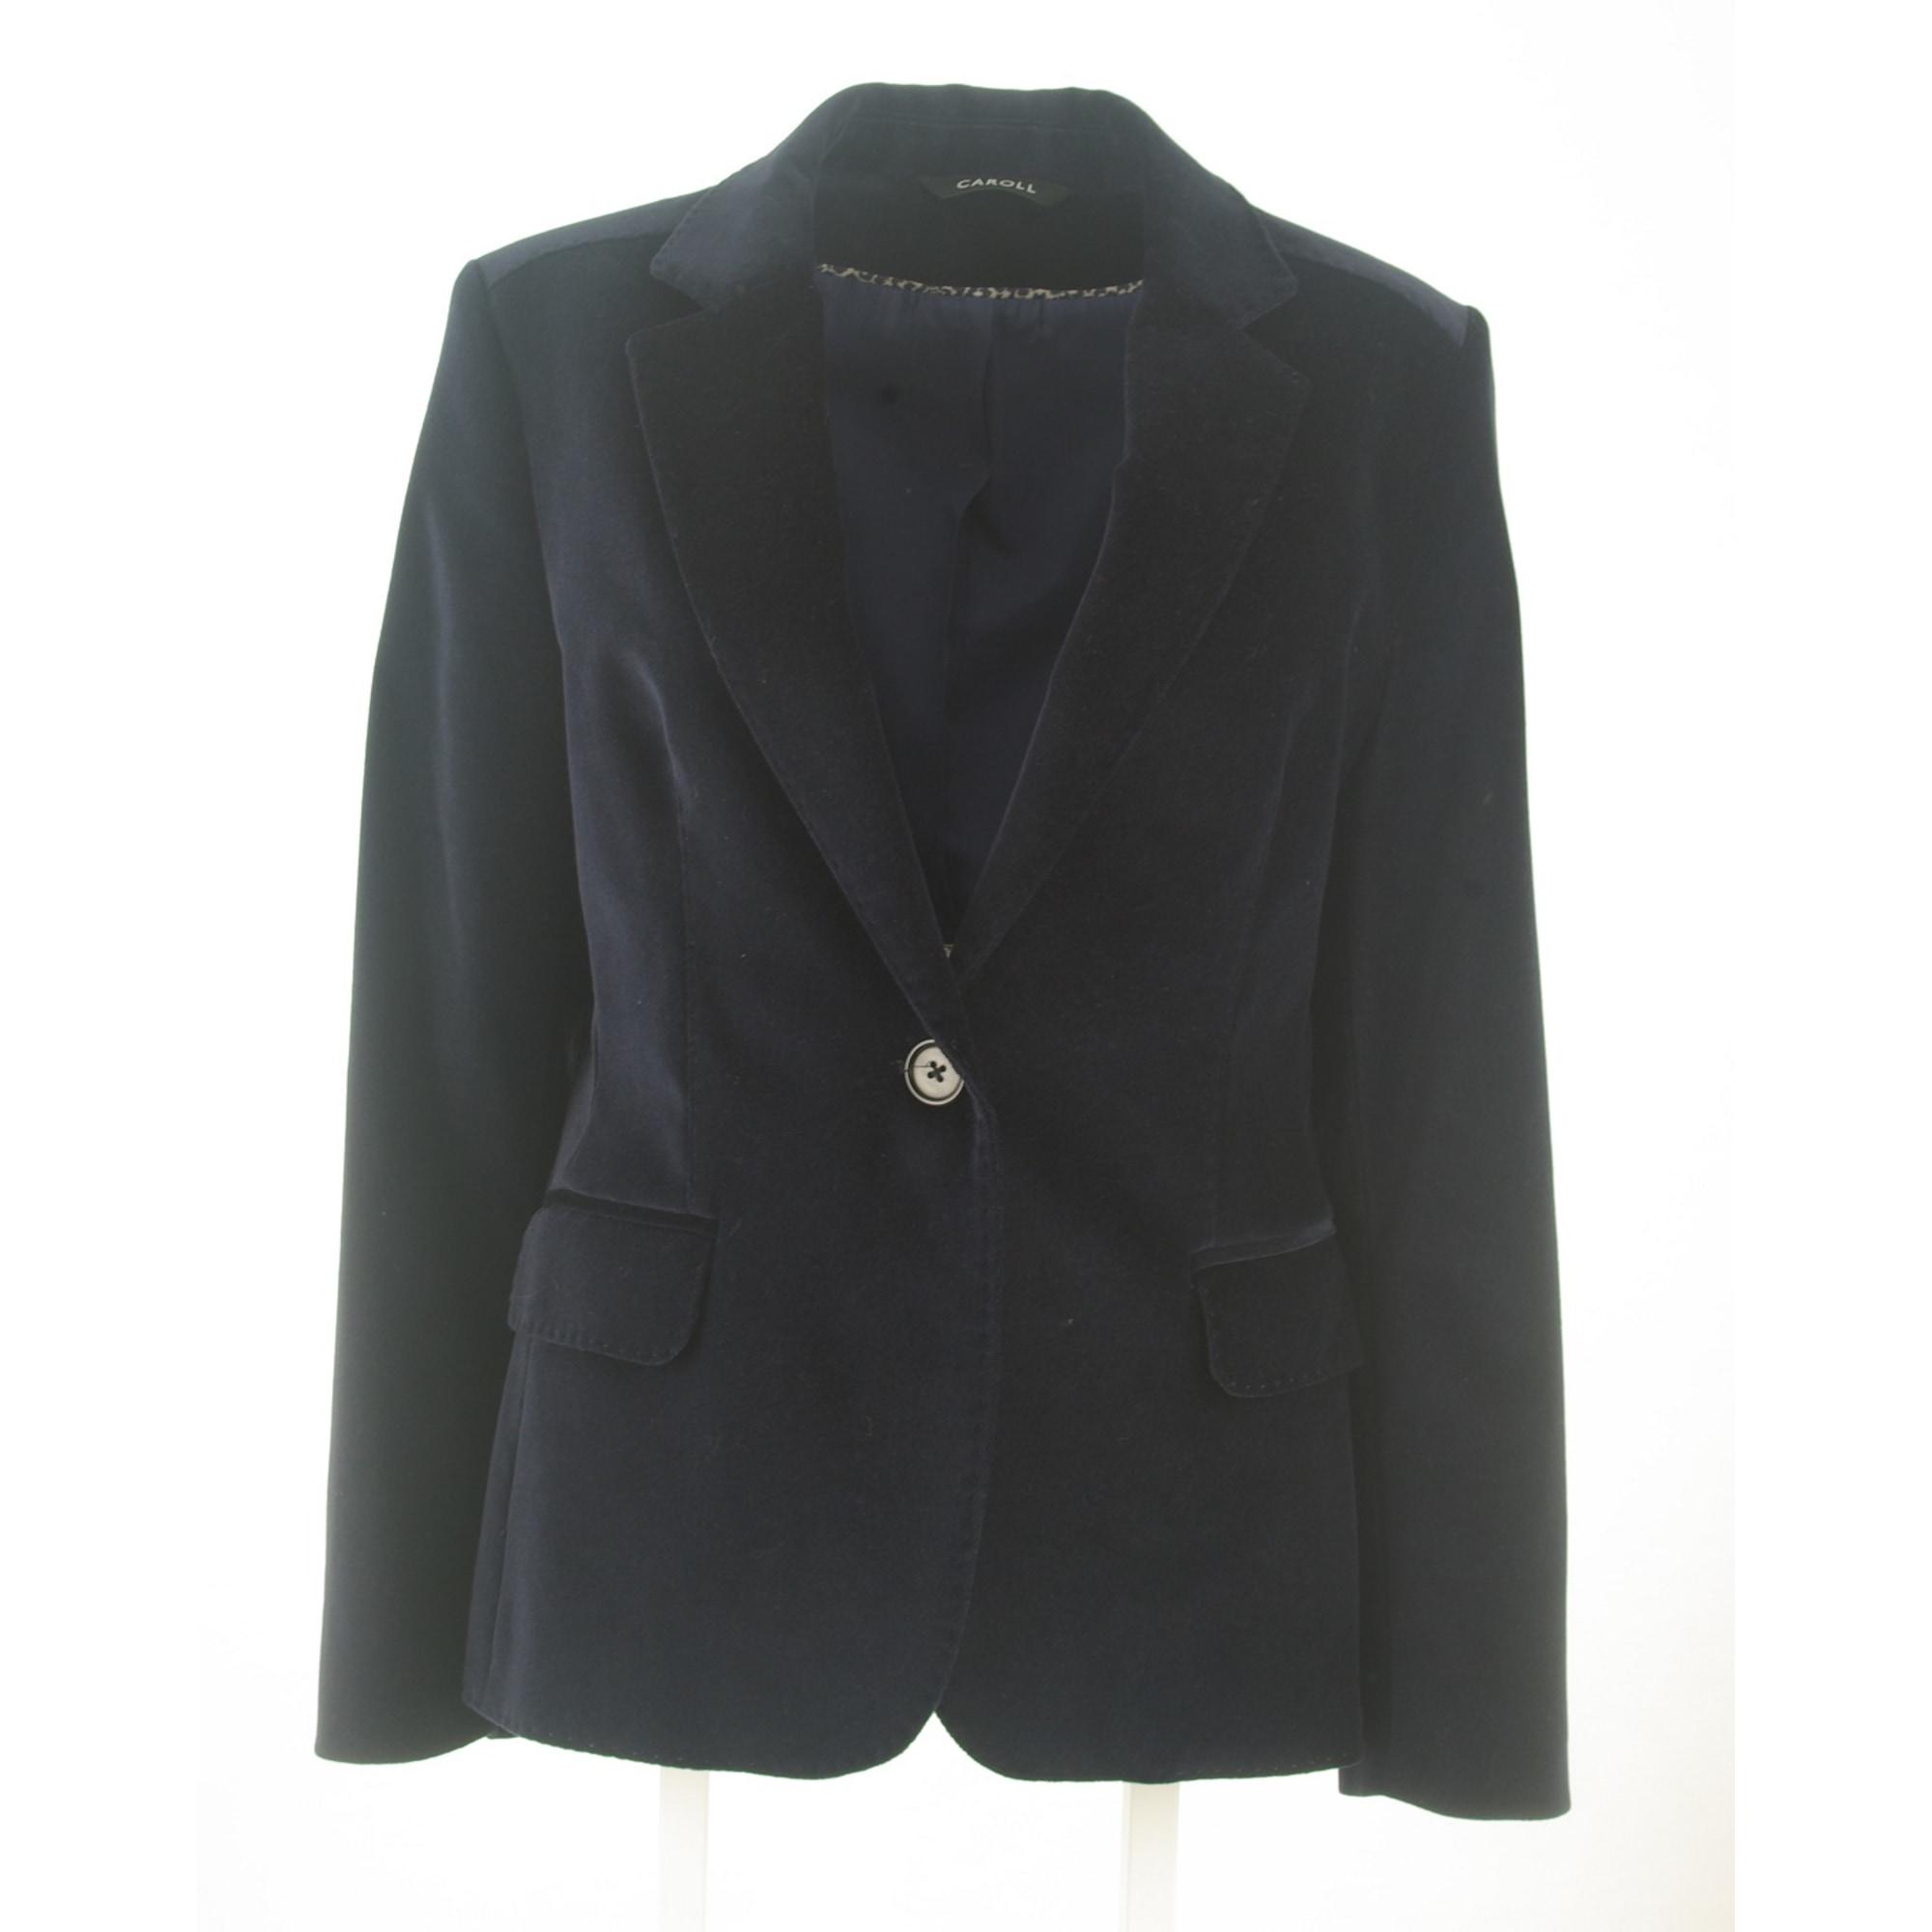 Veste CAROLL 42 (L XL, T4) bleu vendu par Le vide-dressing du 30m2 ... 838d71721d6